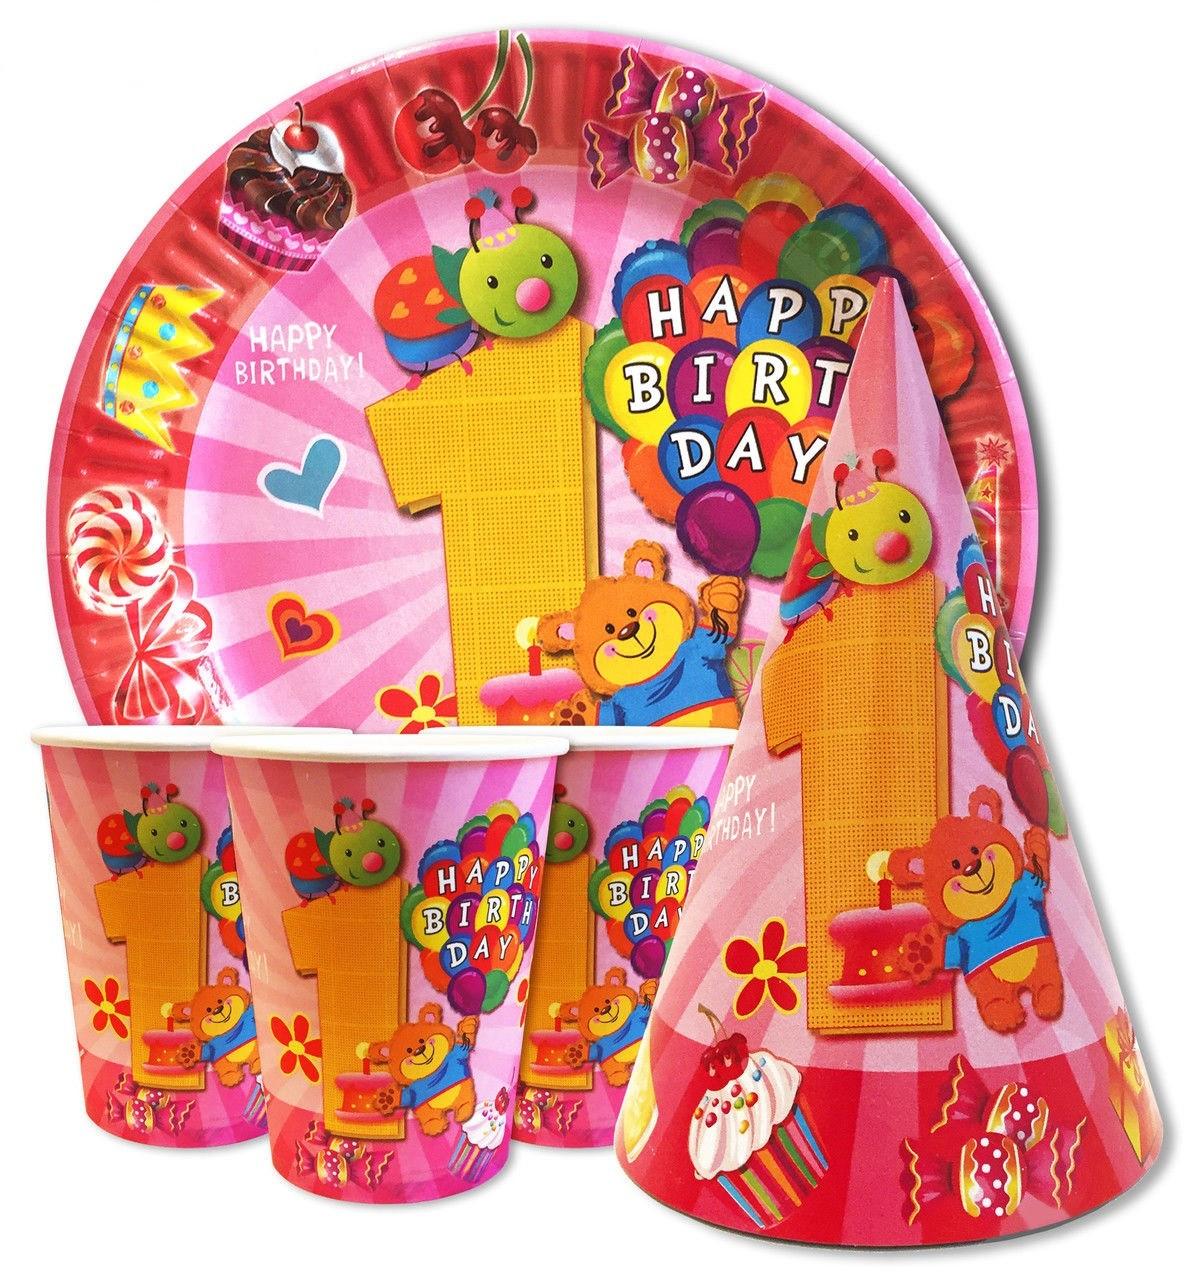 """Набор для Дня рождения """"Первый годик девочки"""". Тарелки, стаканы, колпачки по 10шт."""